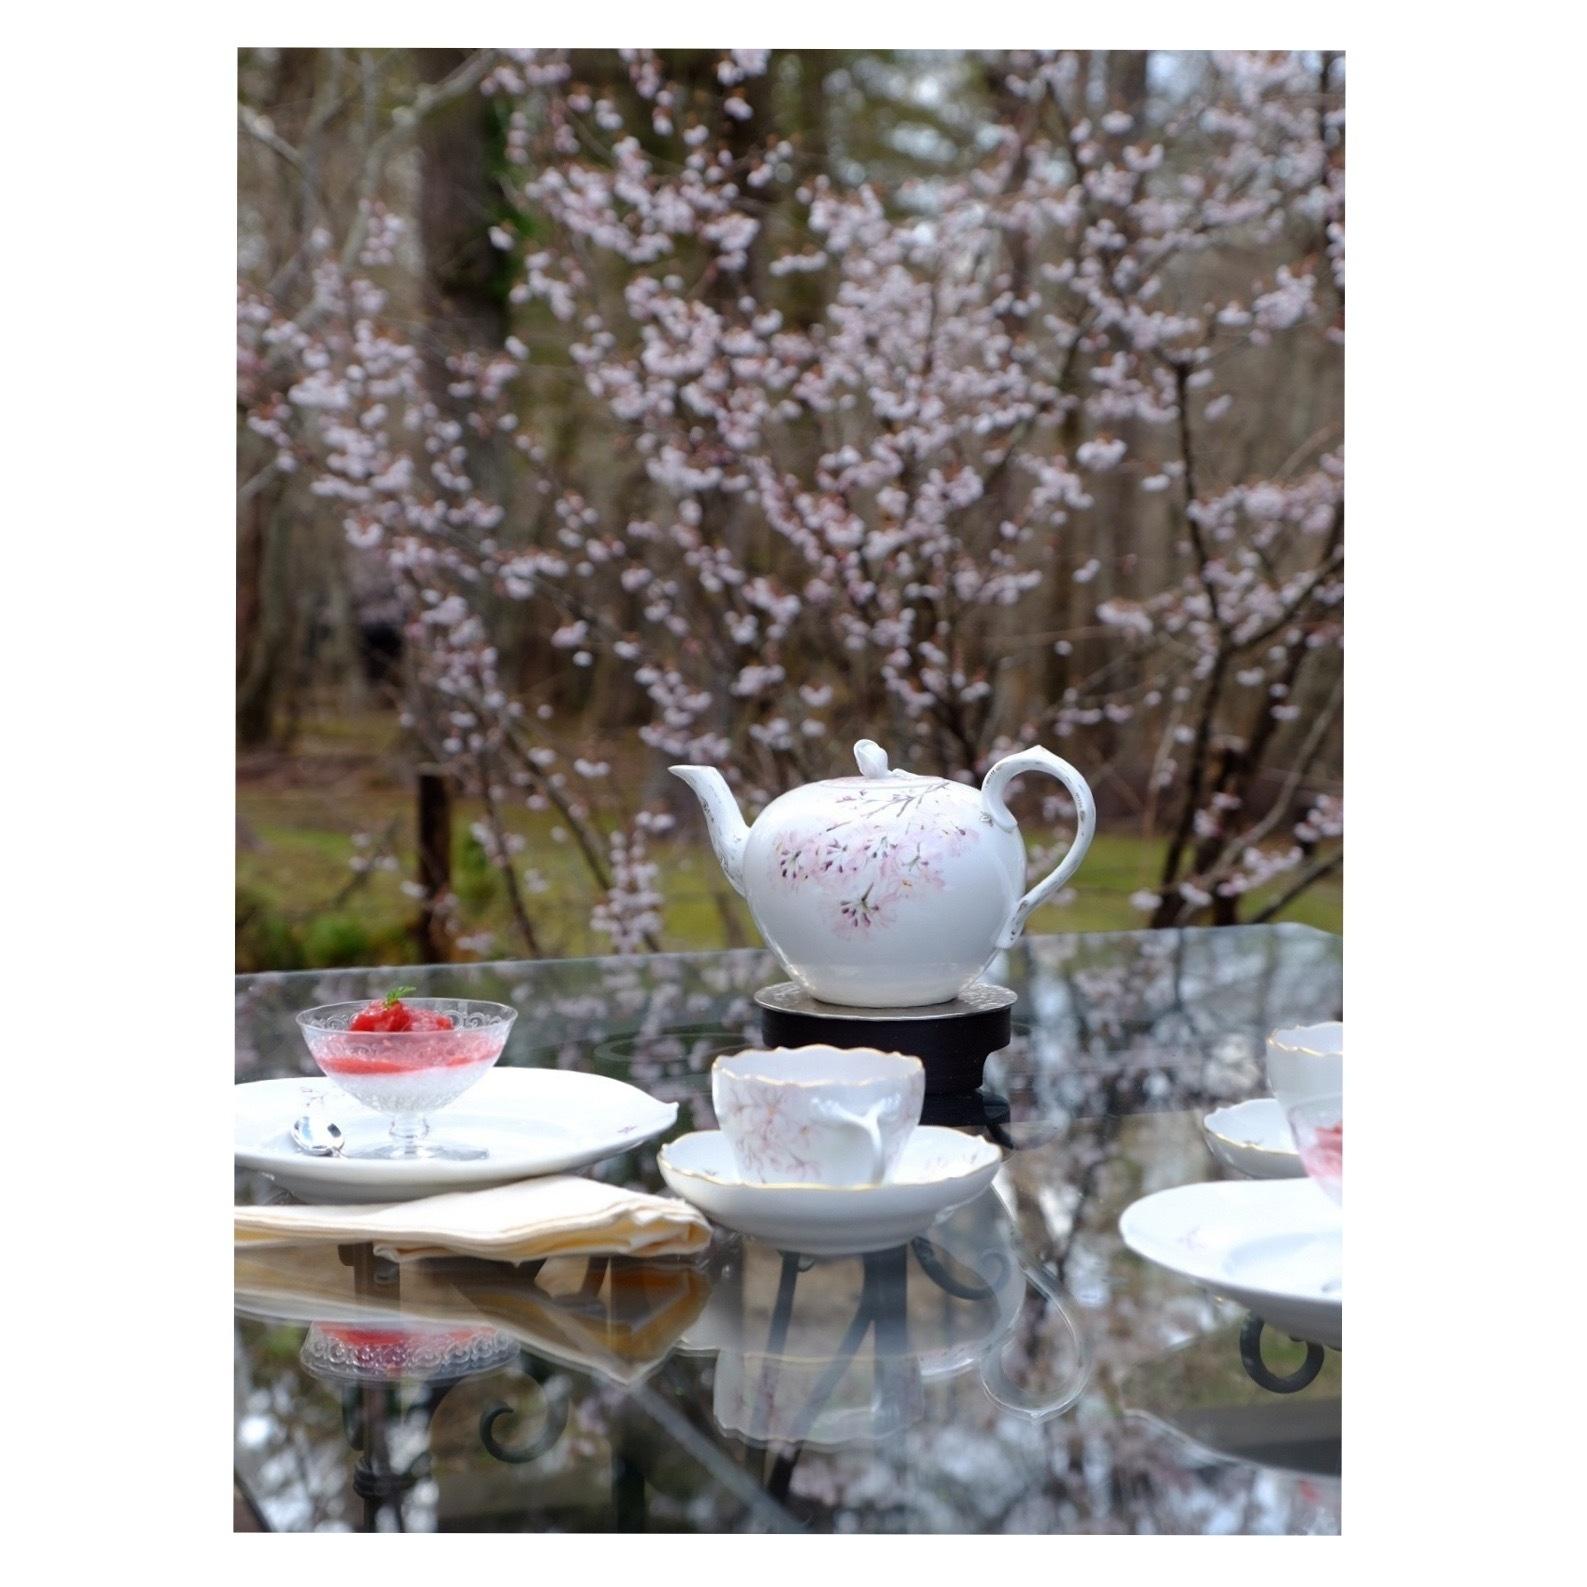 桜を描いた器でお茶時間_a0335867_21290852.jpeg